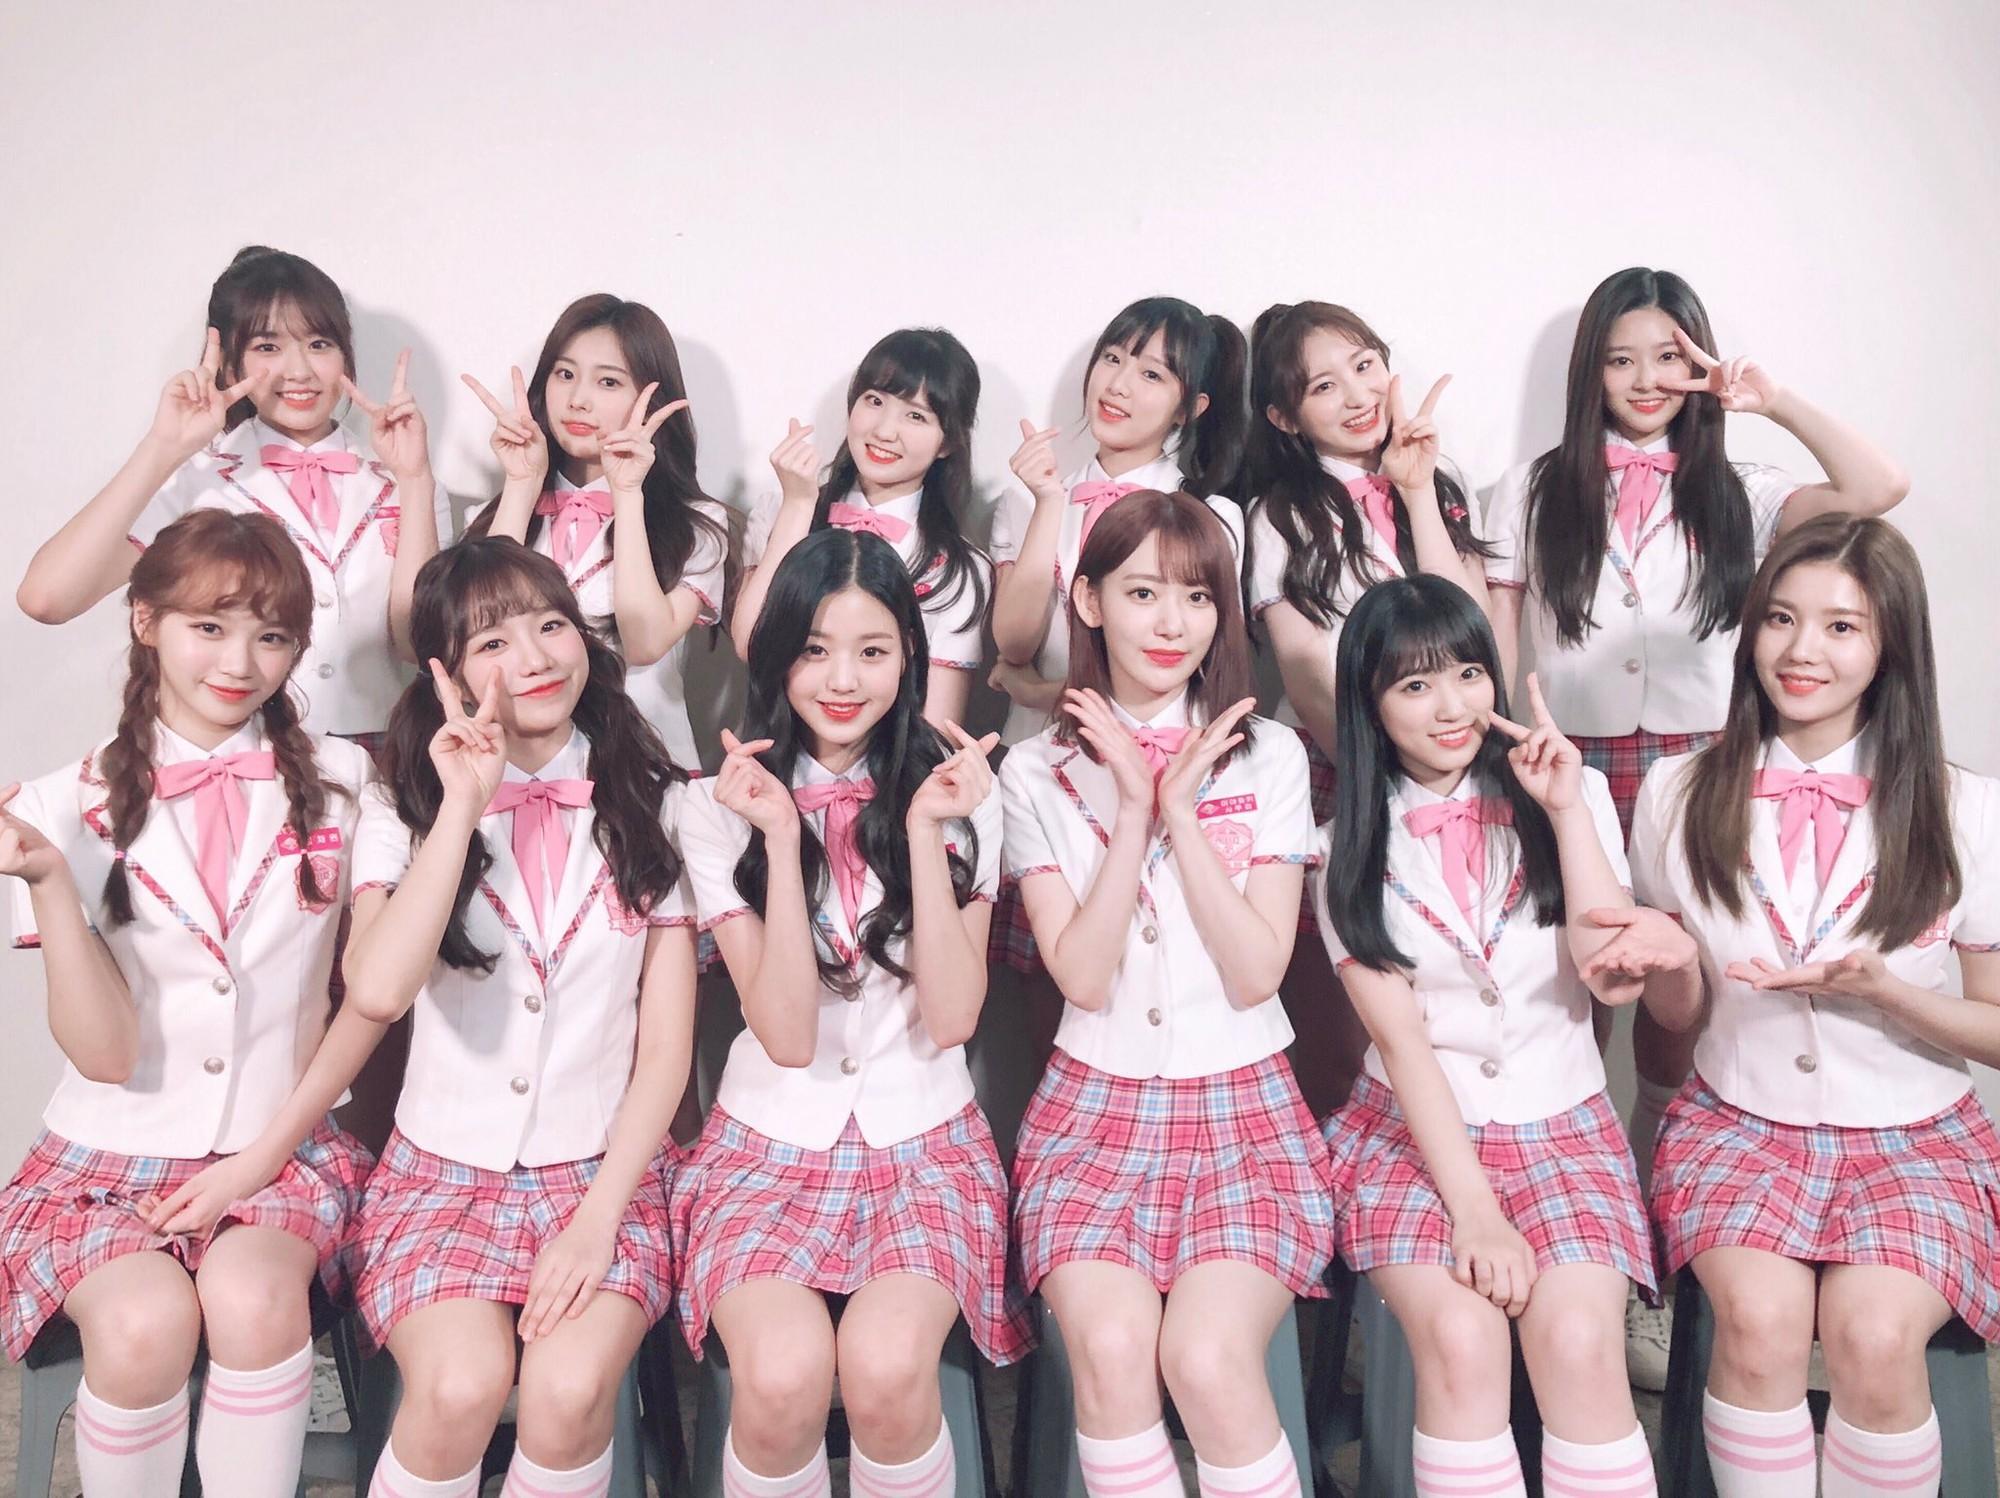 Chuyên gia dự đoán những nhóm nhạc thành công trong năm 2019: EXO và BlackPink đều vắng mặt - Ảnh 3.